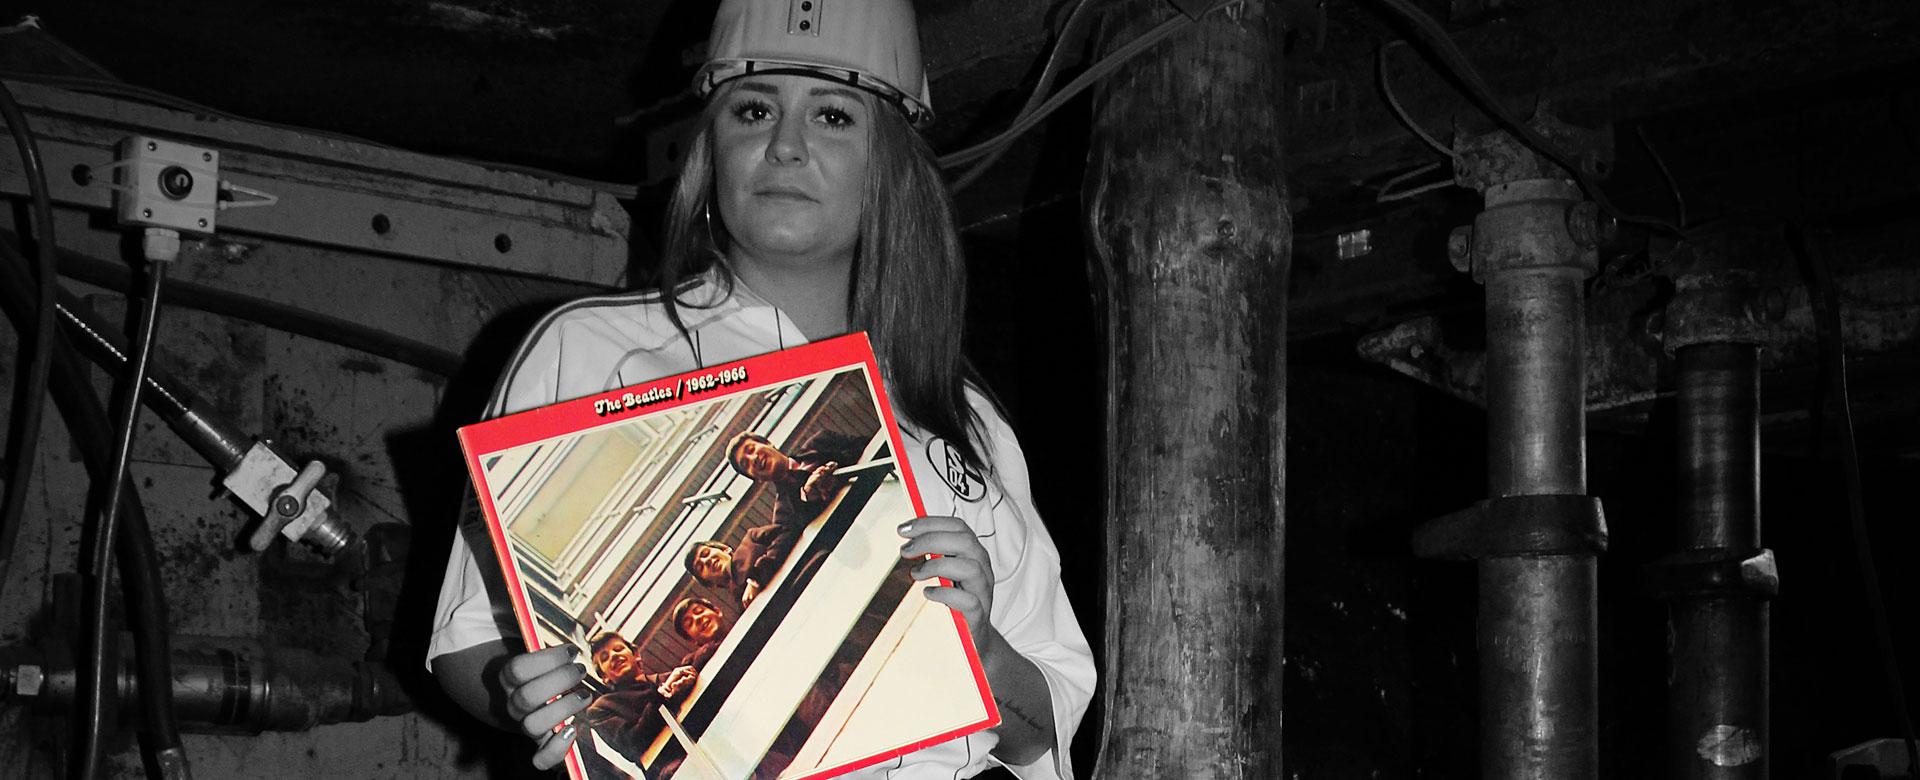 New Lifeshark Records Essen - Schallplatten An- und Verkauf